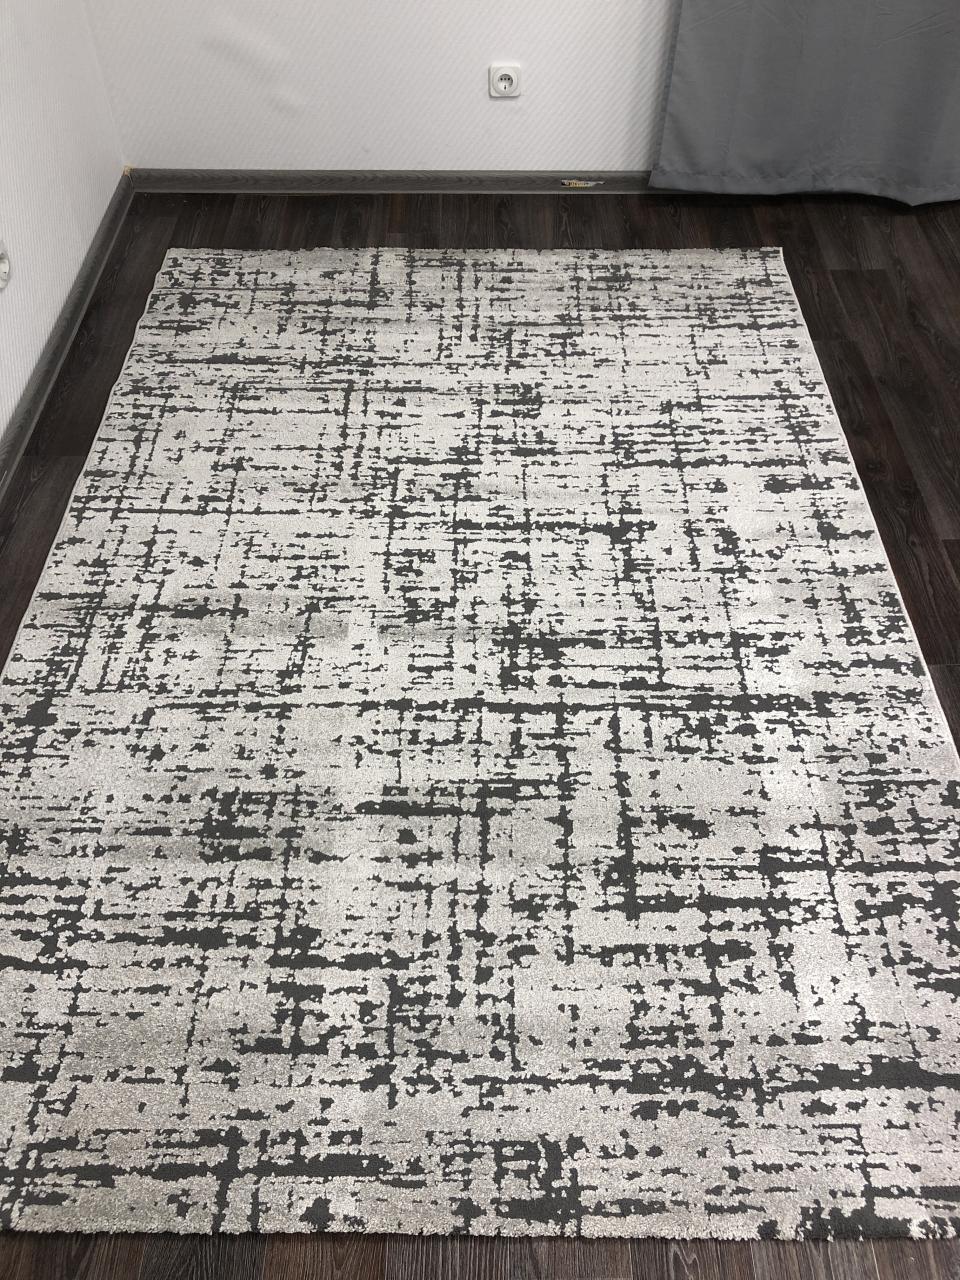 Ковер 41003 - 2131 - Прямоугольник - коллекция Trentino - фото 1